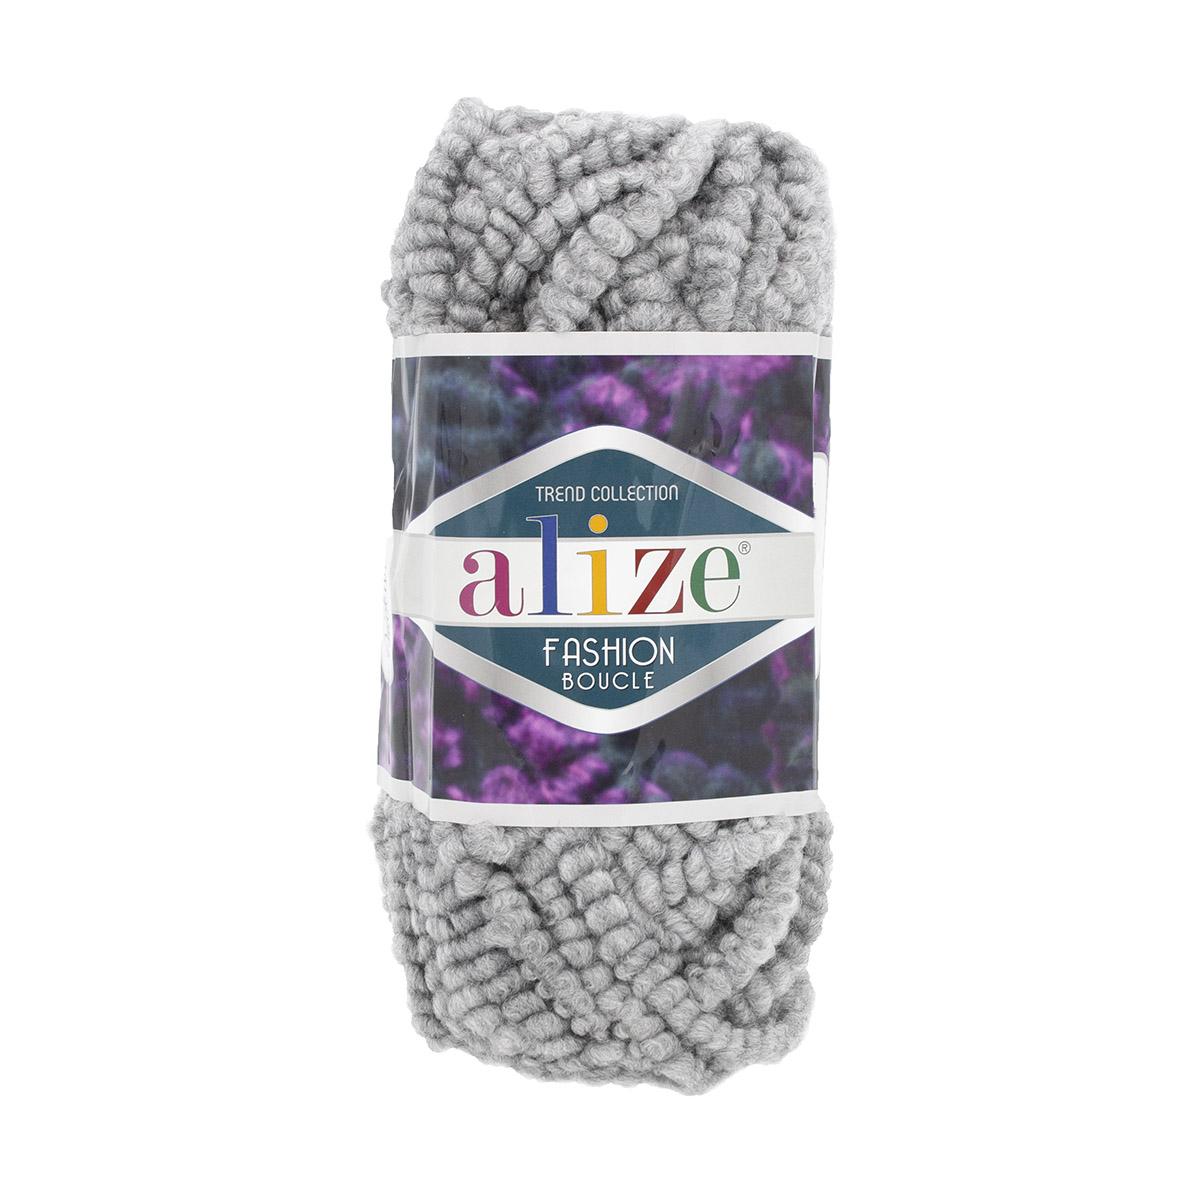 Пряжа ALIZE 'Fashion boucle' 100гр., 35м. (70%акрил, 25% шерсть, 5% полиамид) ТУ